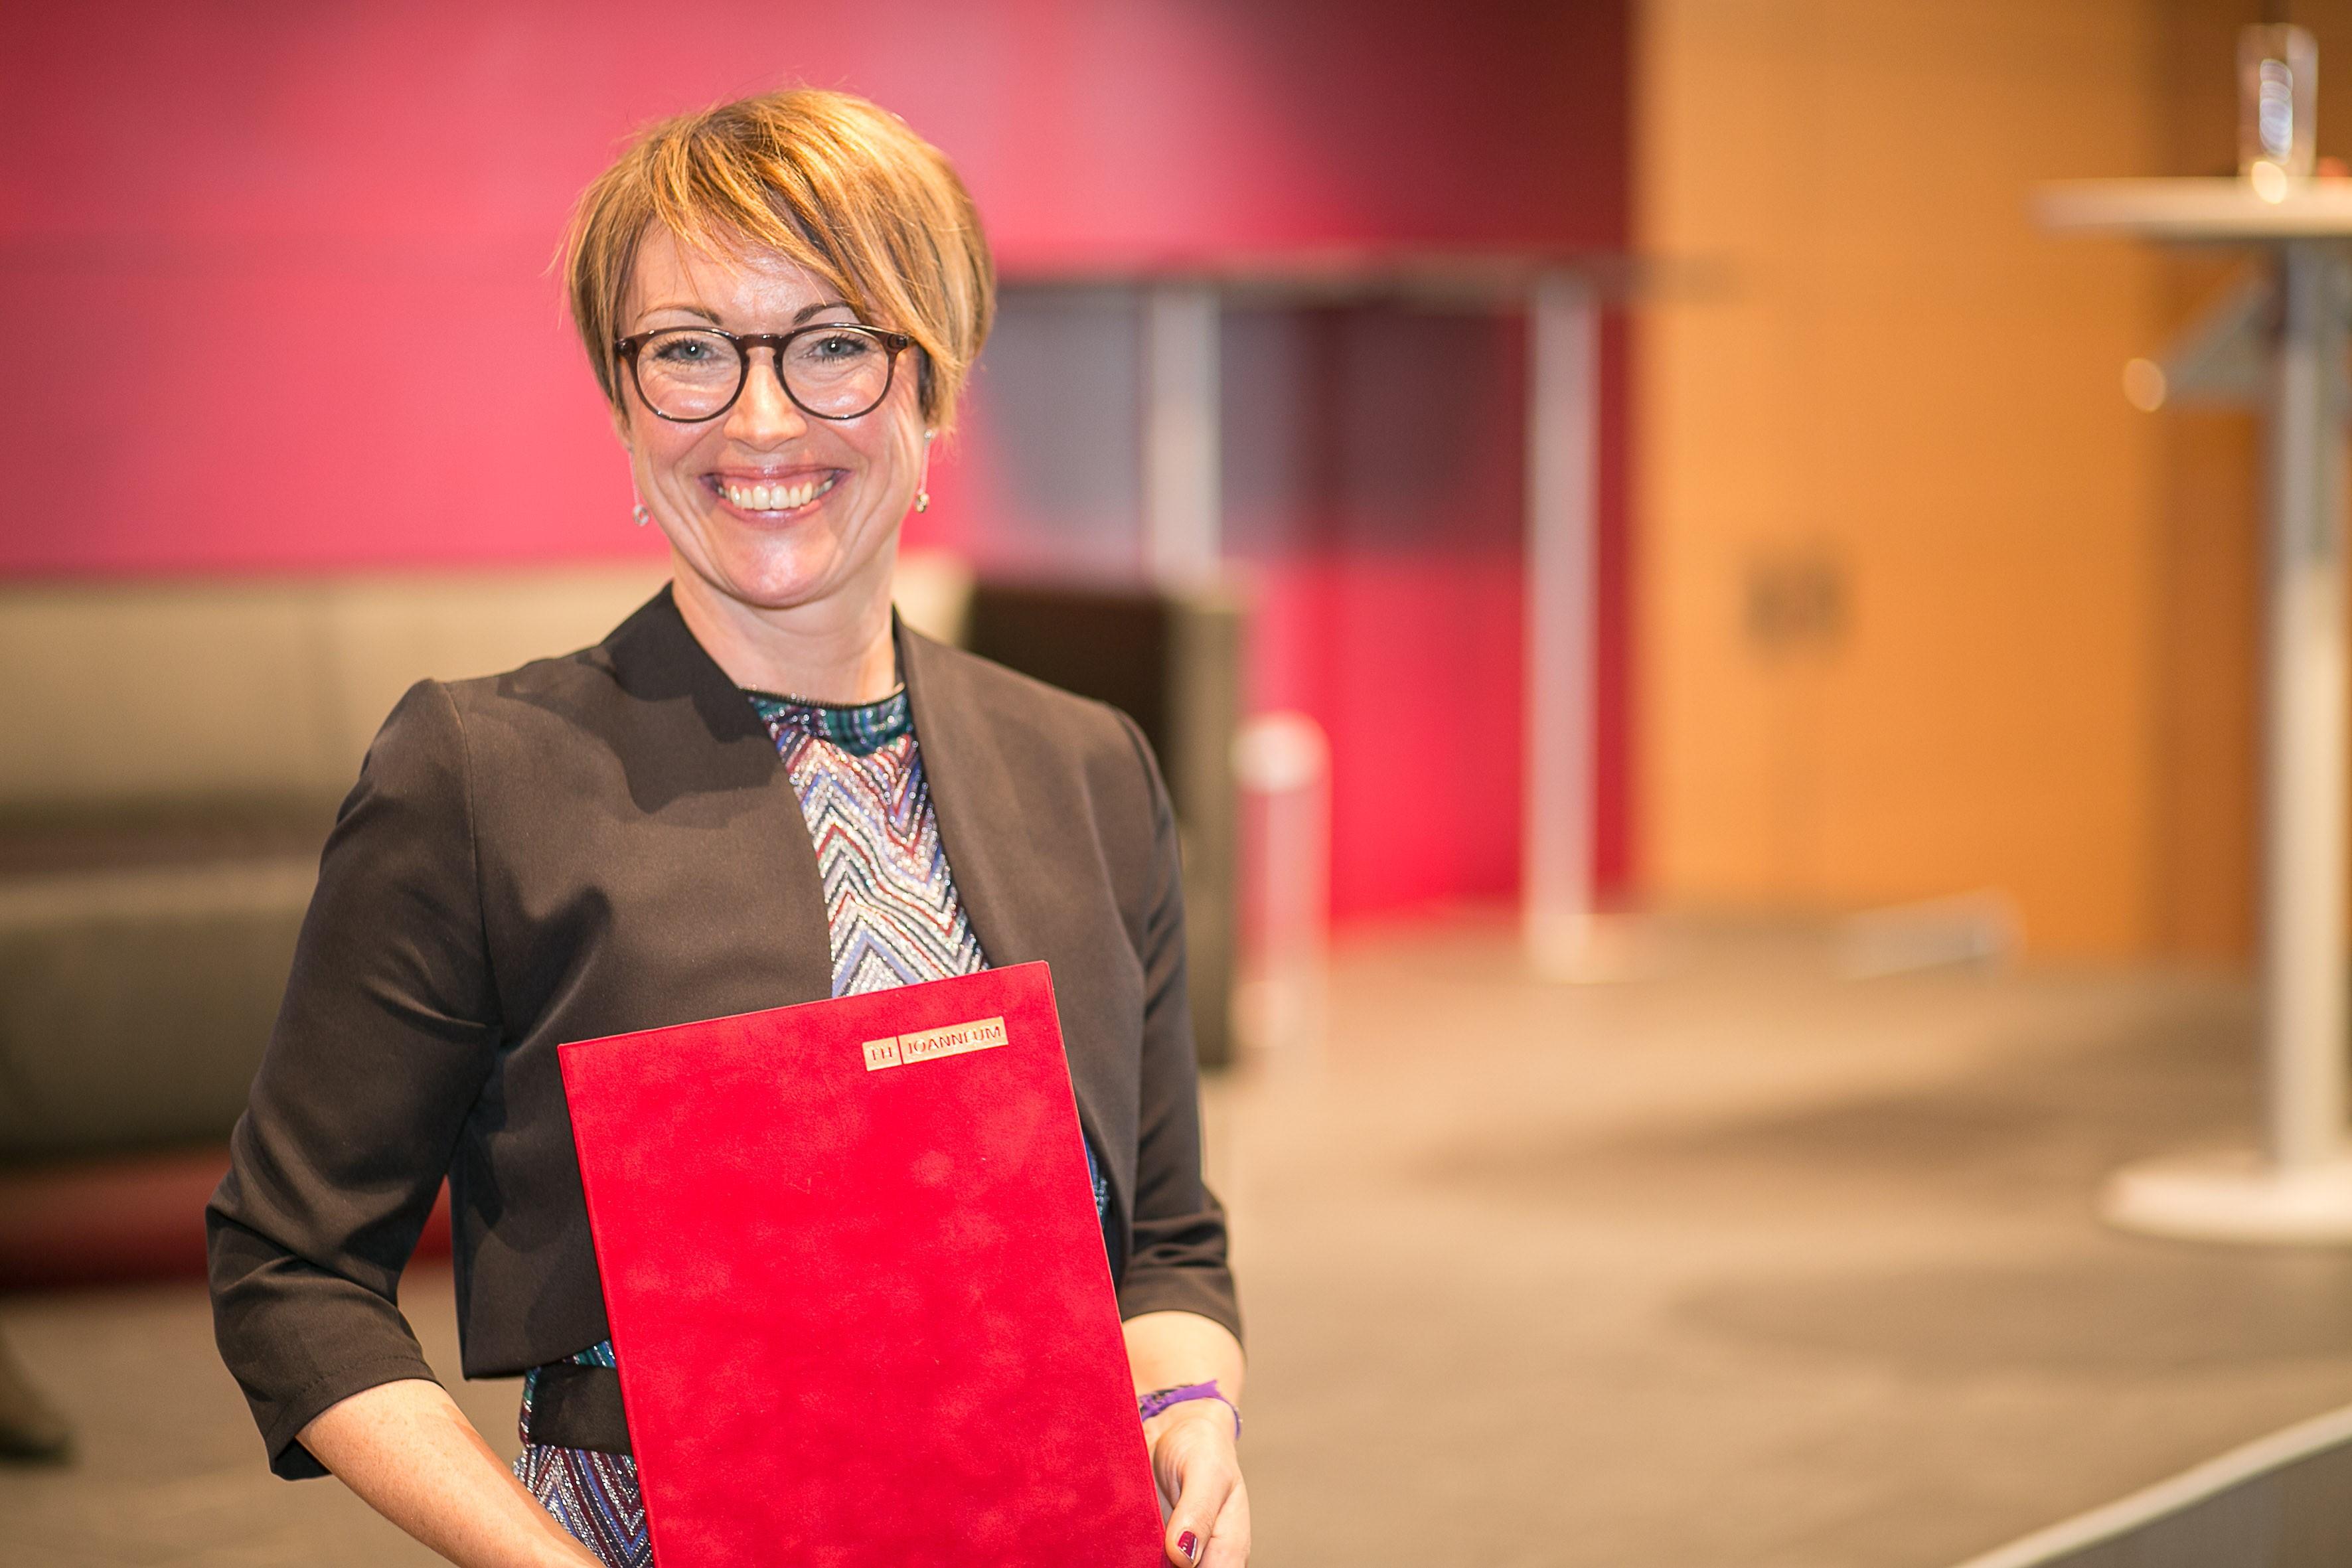 Monika Altenreiter wurde mit dem Teaching Award 2018 ausgezeichnet.